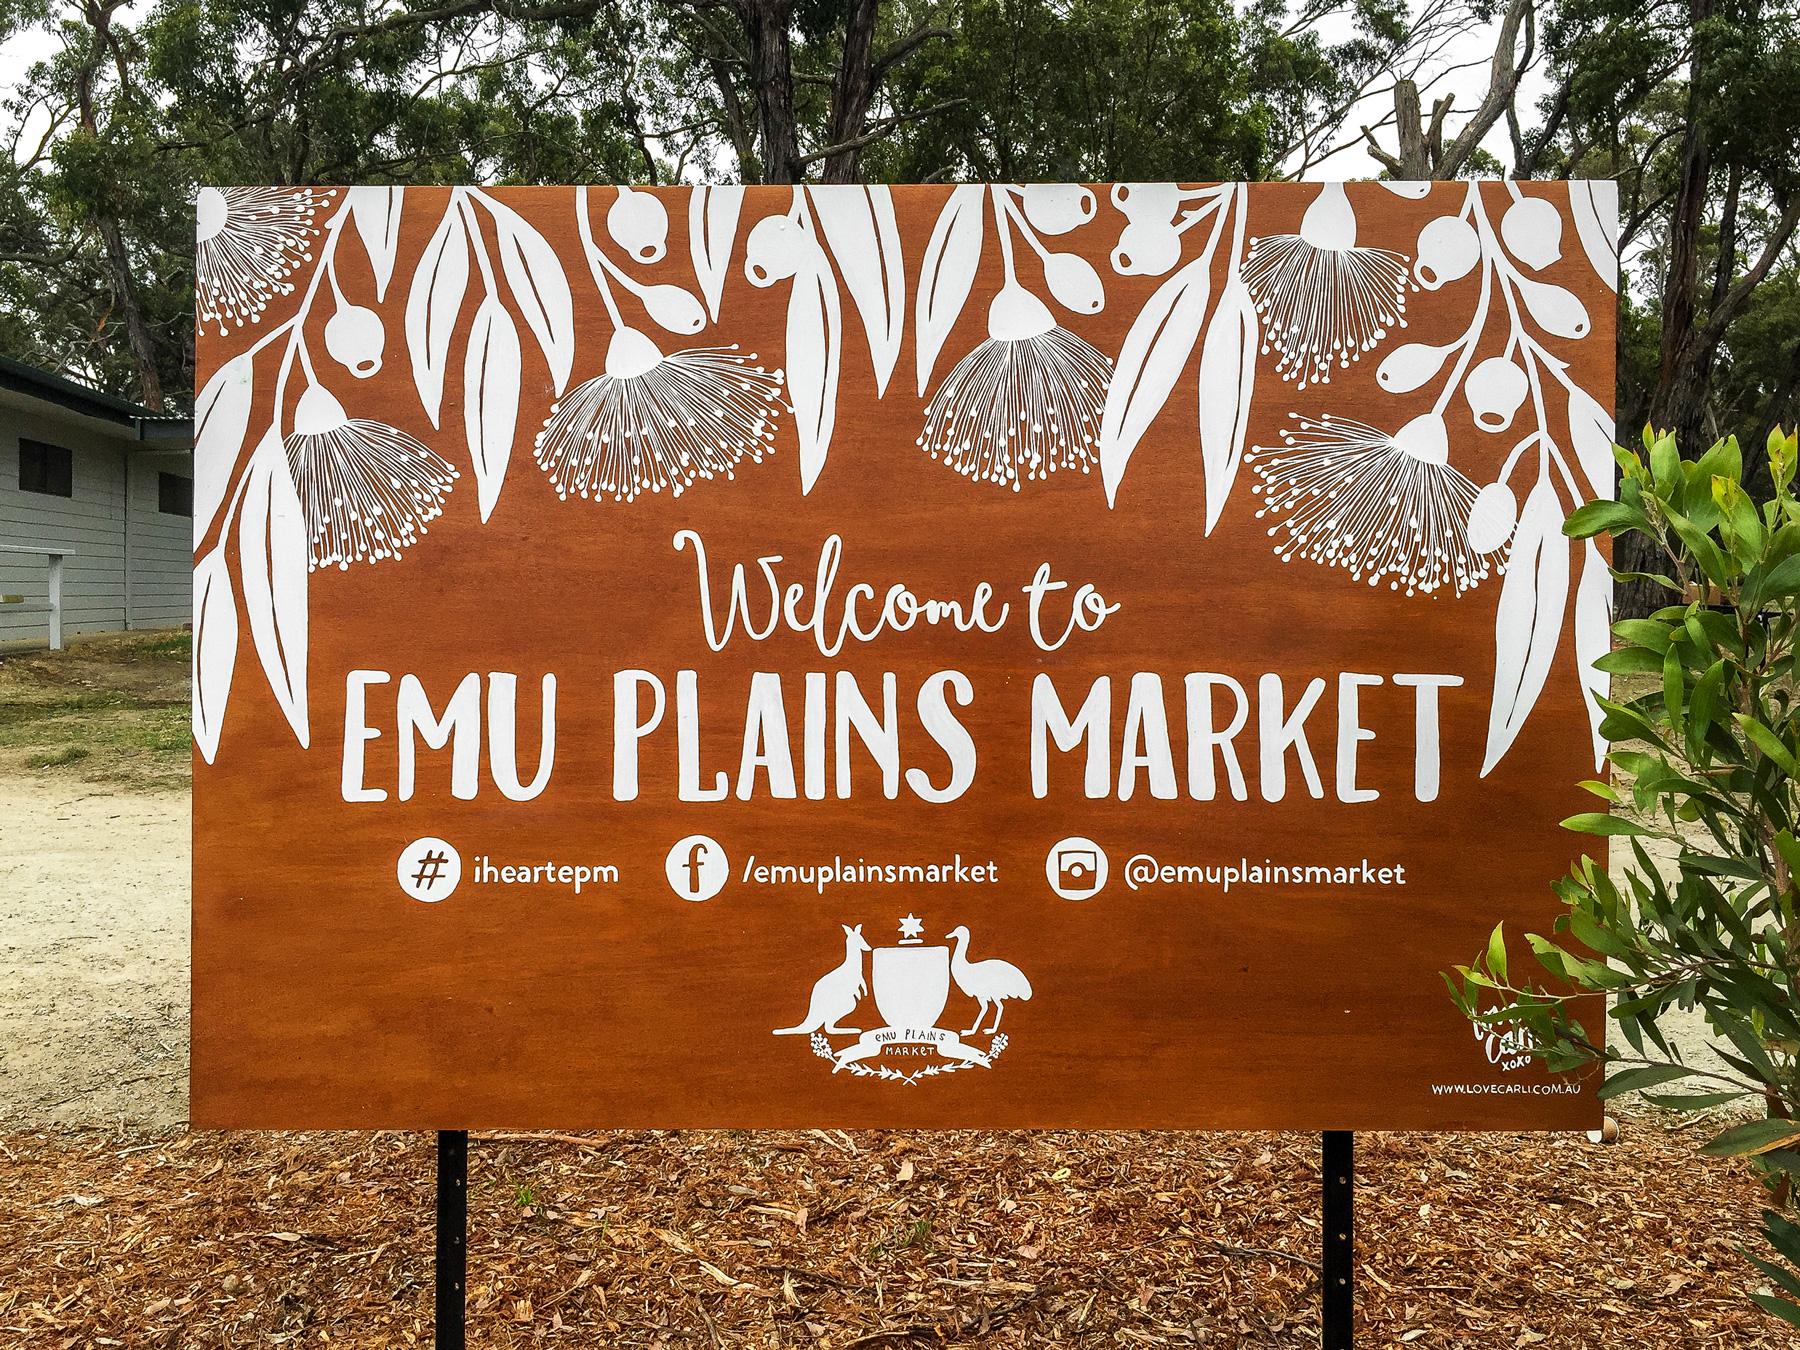 EmuPlainsMarketSignage.jpg